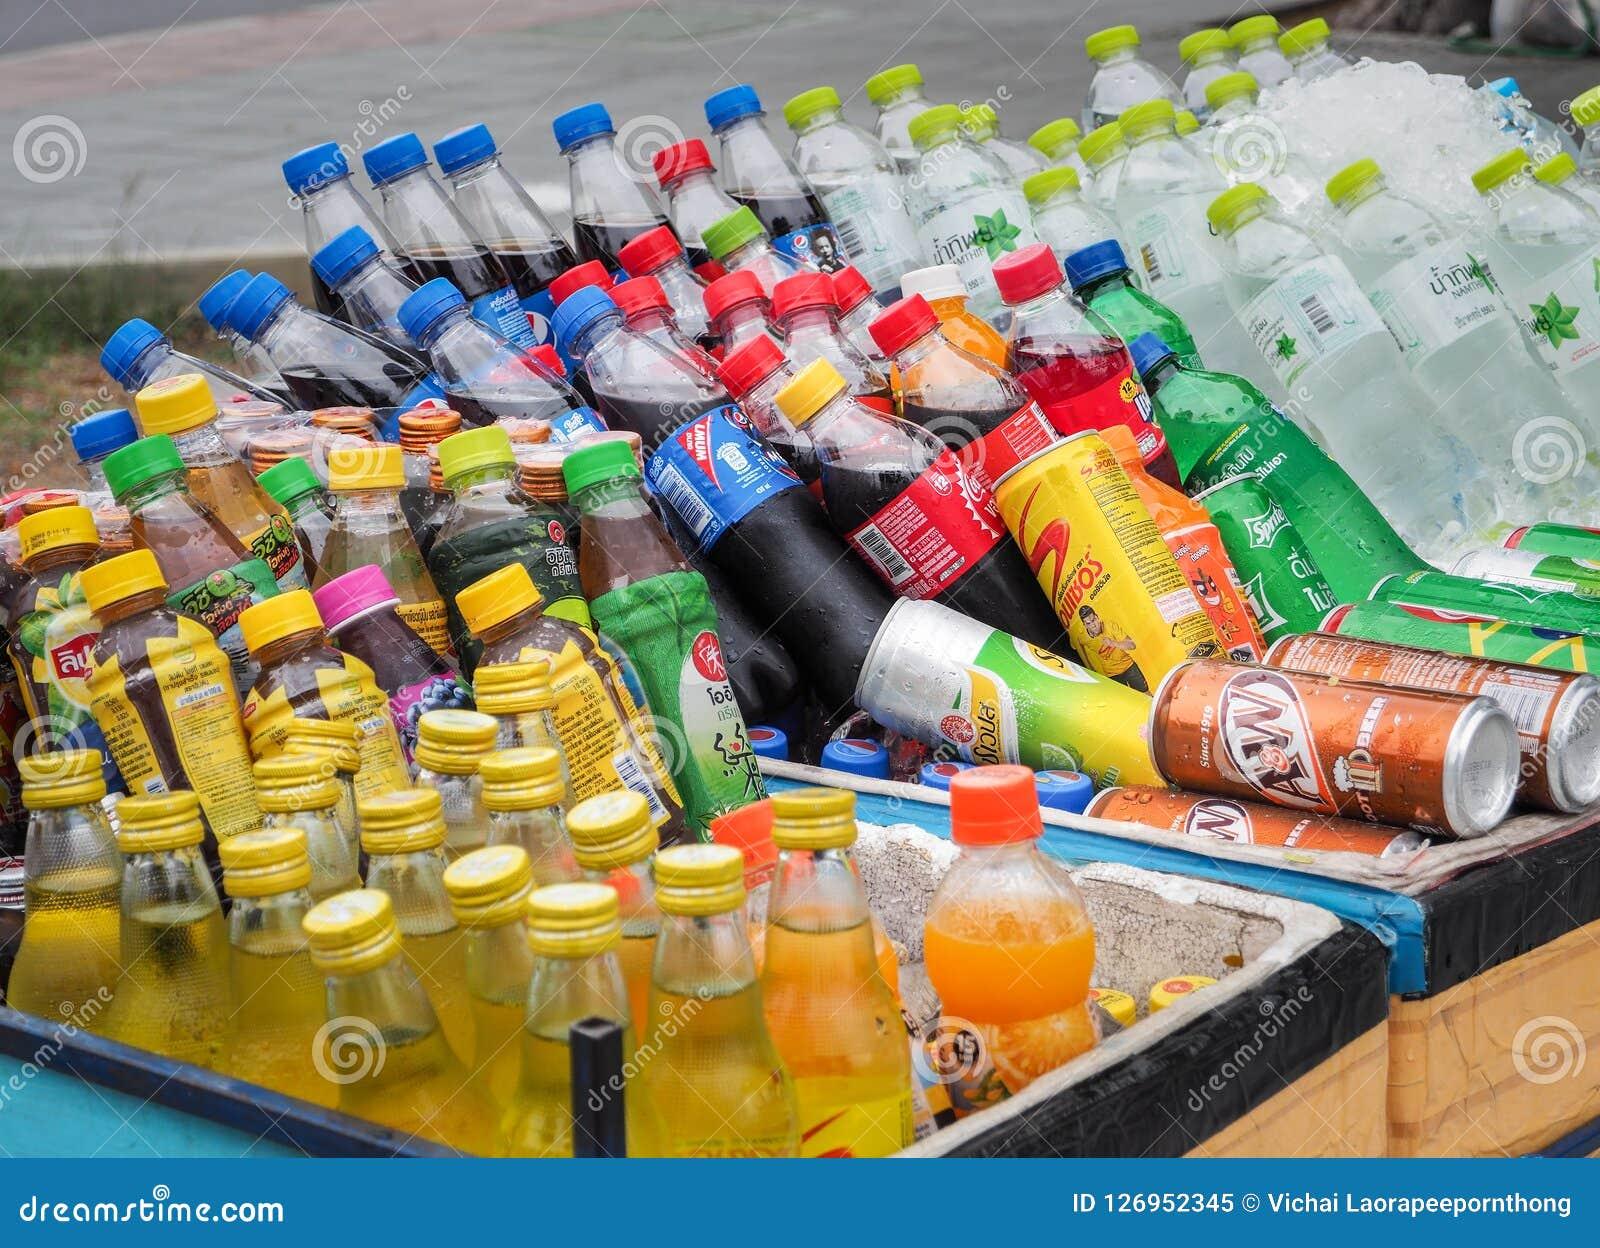 Sprzedawca uliczny fury sprzedawania rozmaitość zimni energia napoje, miękcy napoje, butelkowy sok i sportów napoje,